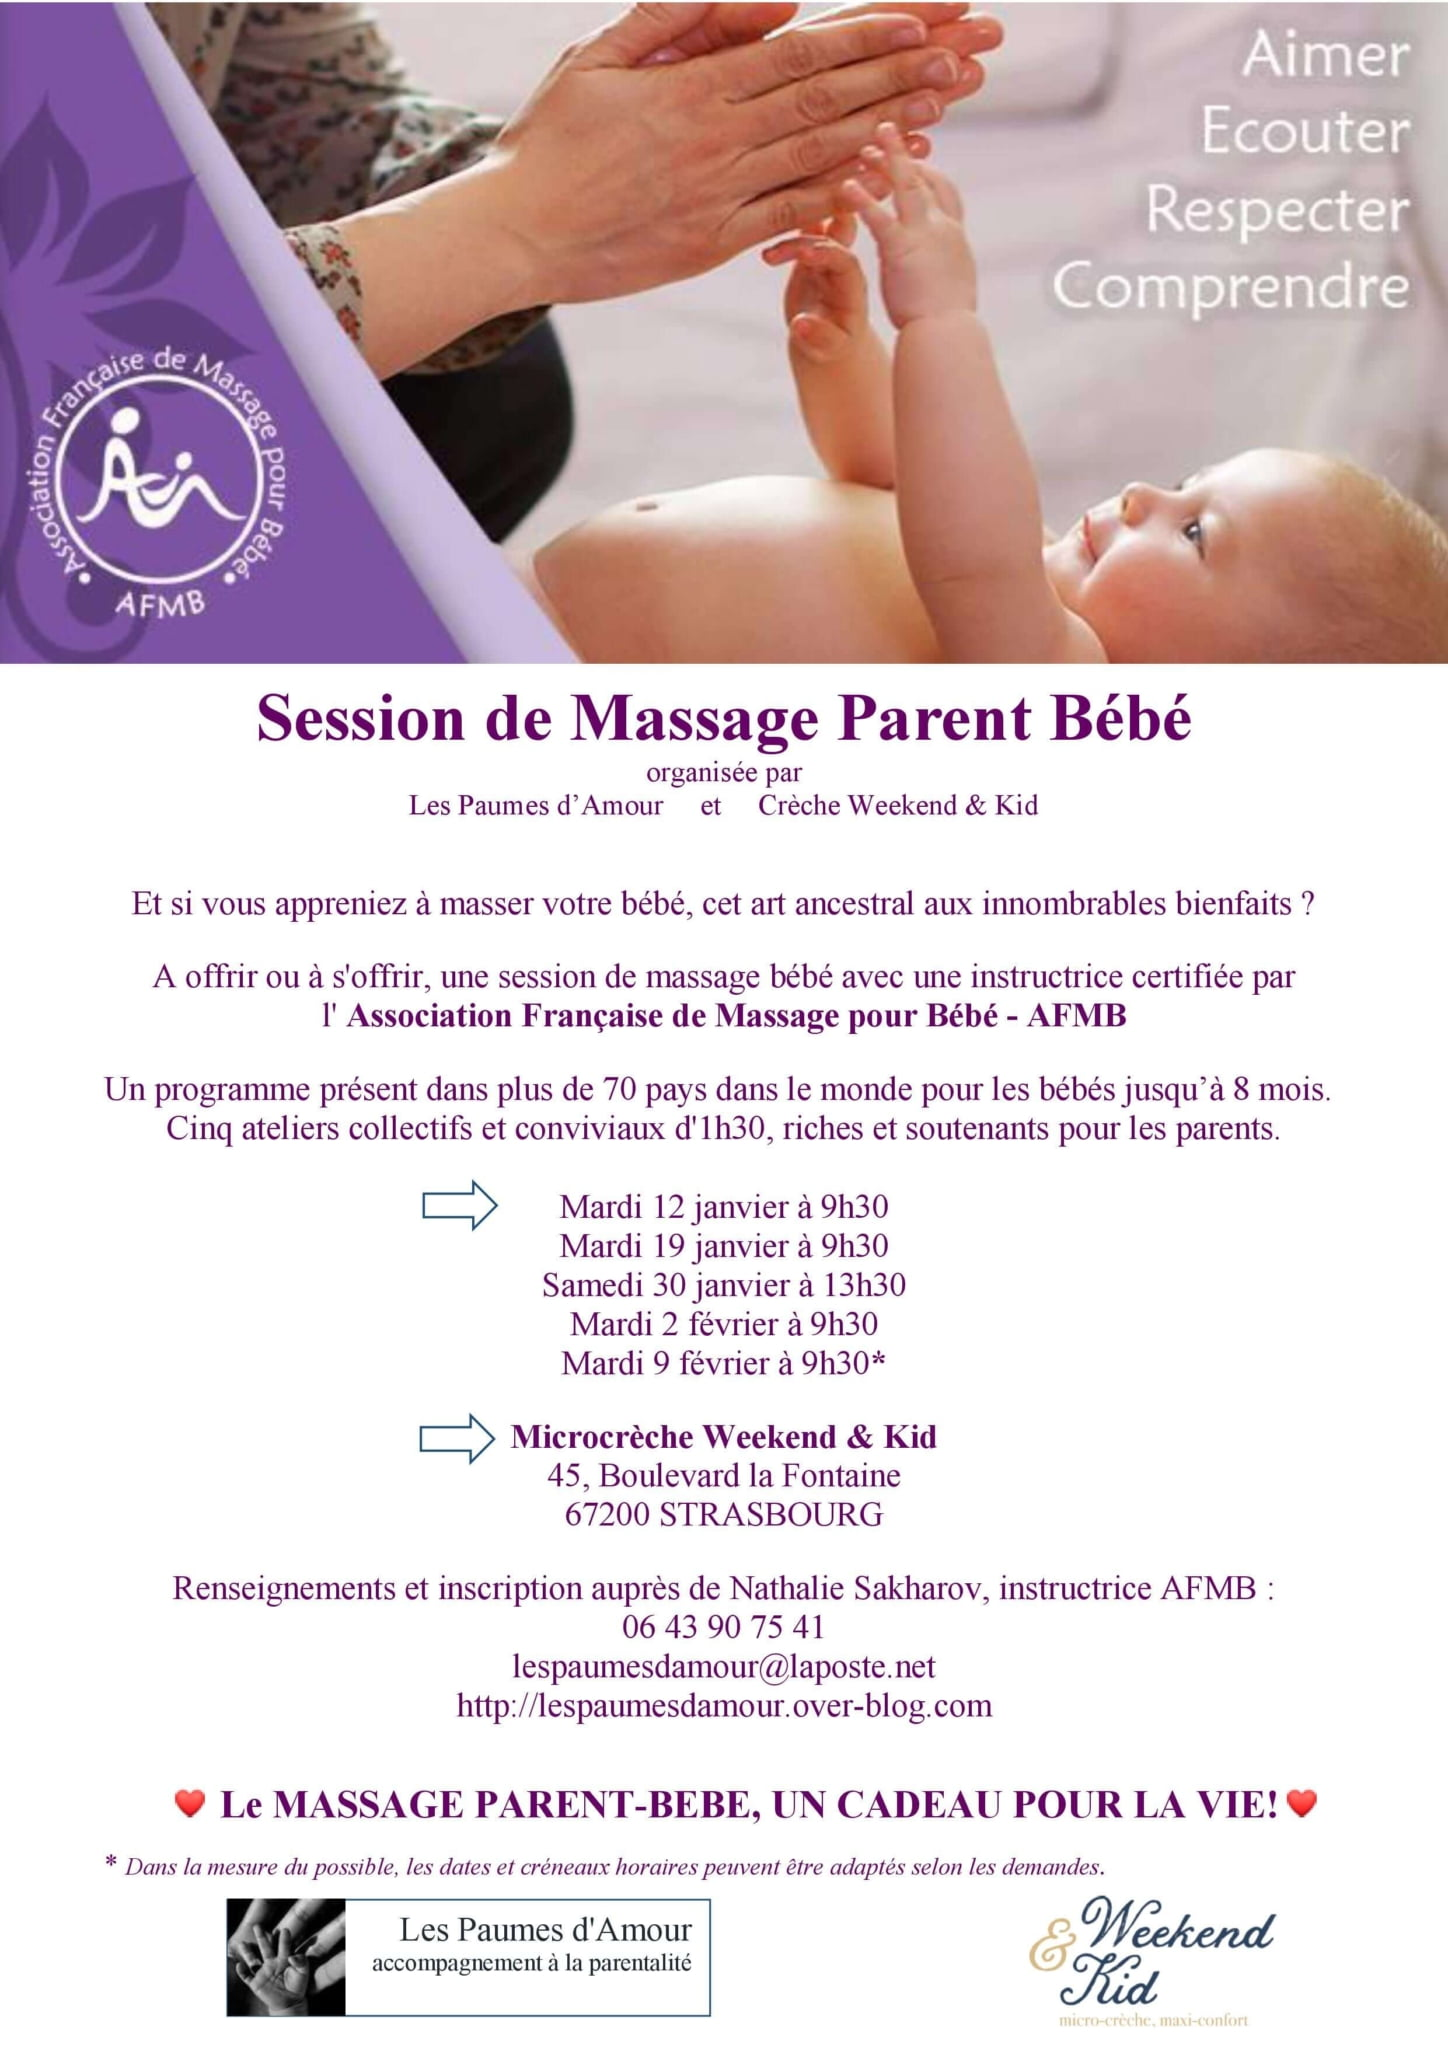 Affiche Session de Massage Parent Bébé